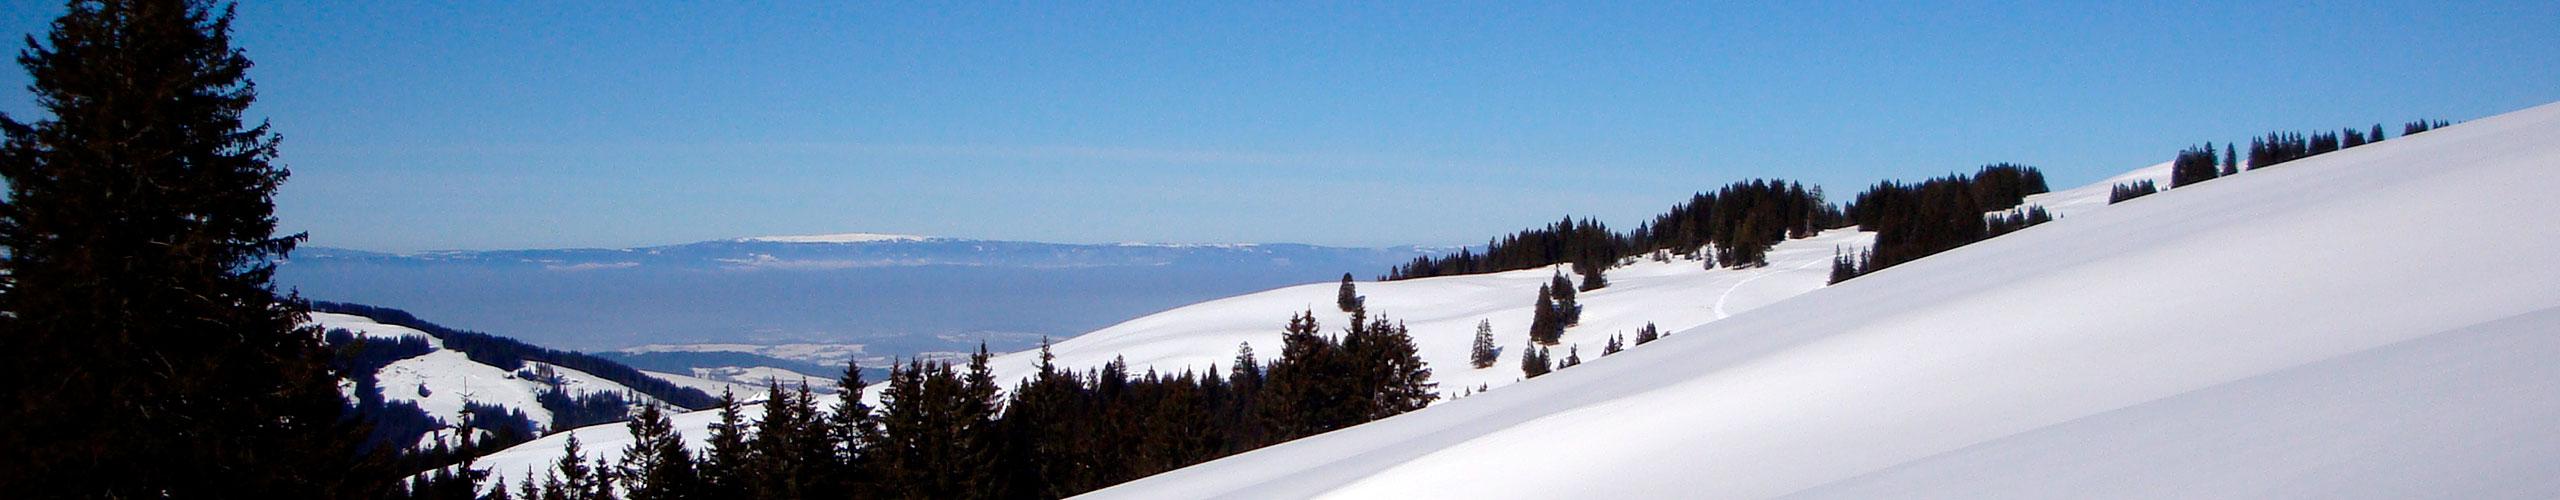 banner représentant des montagnes en hiver